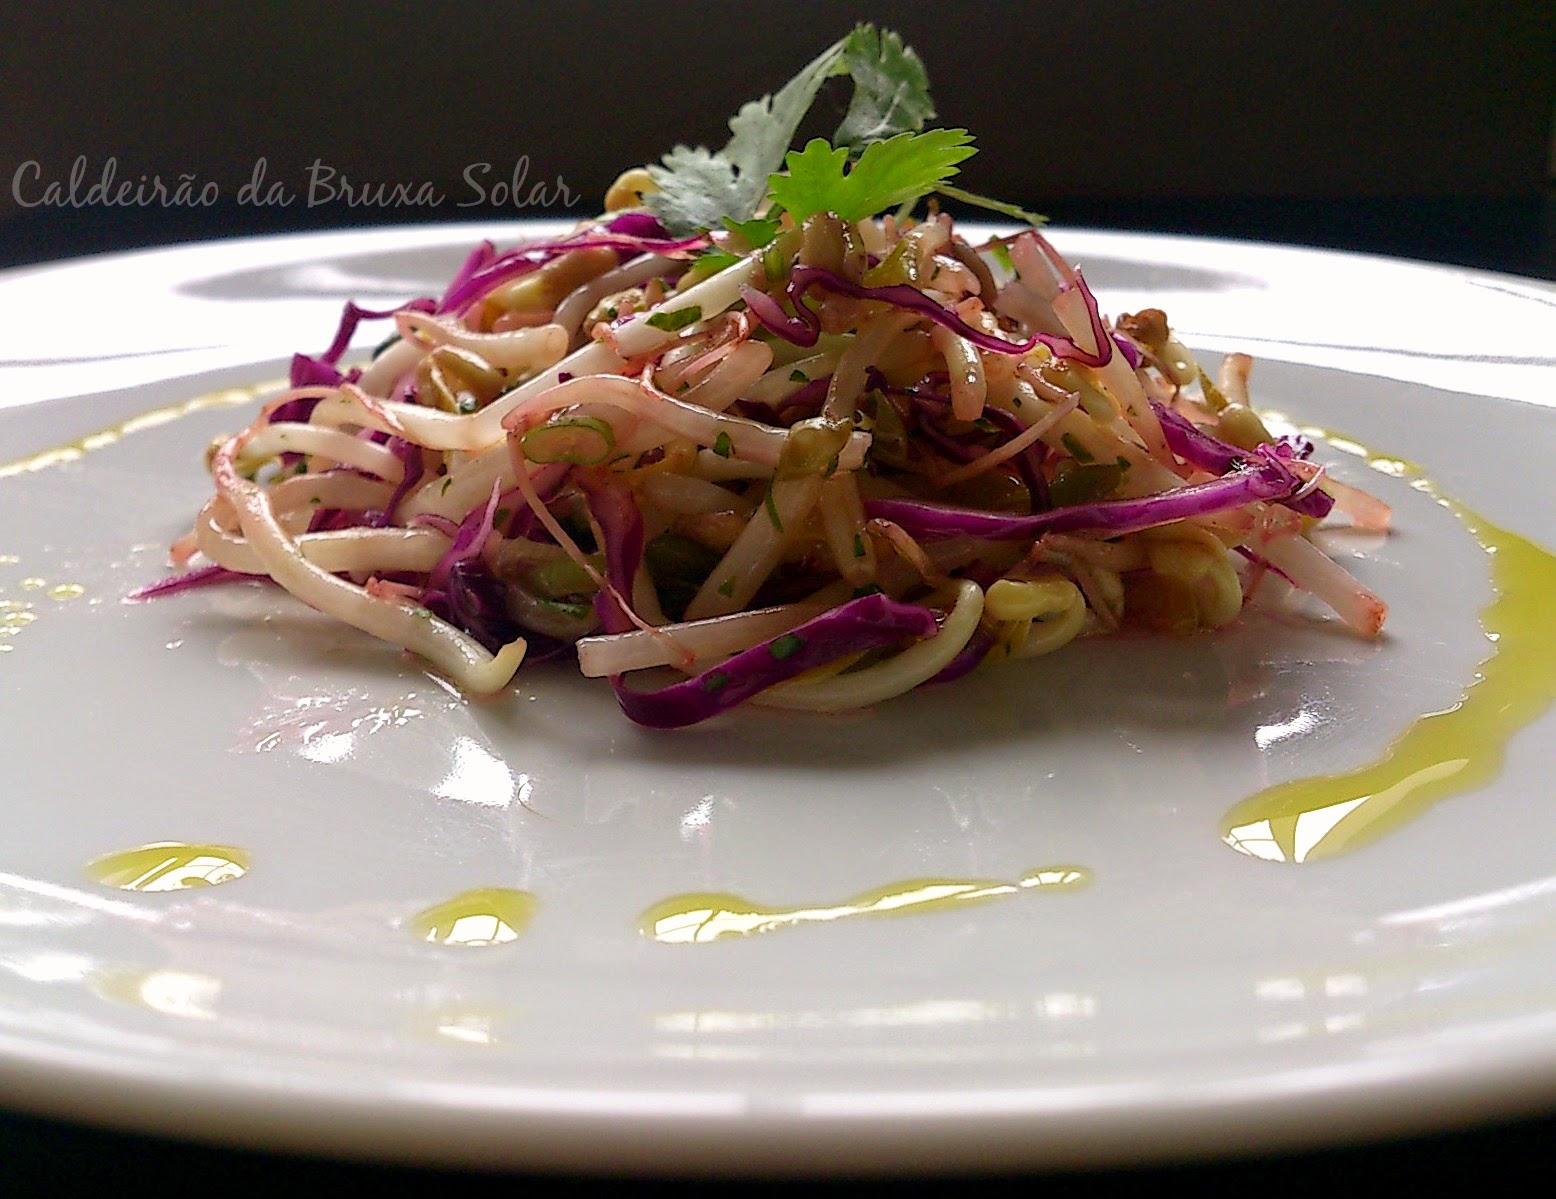 Salada de broto de feijão, repolho roxo e coentro